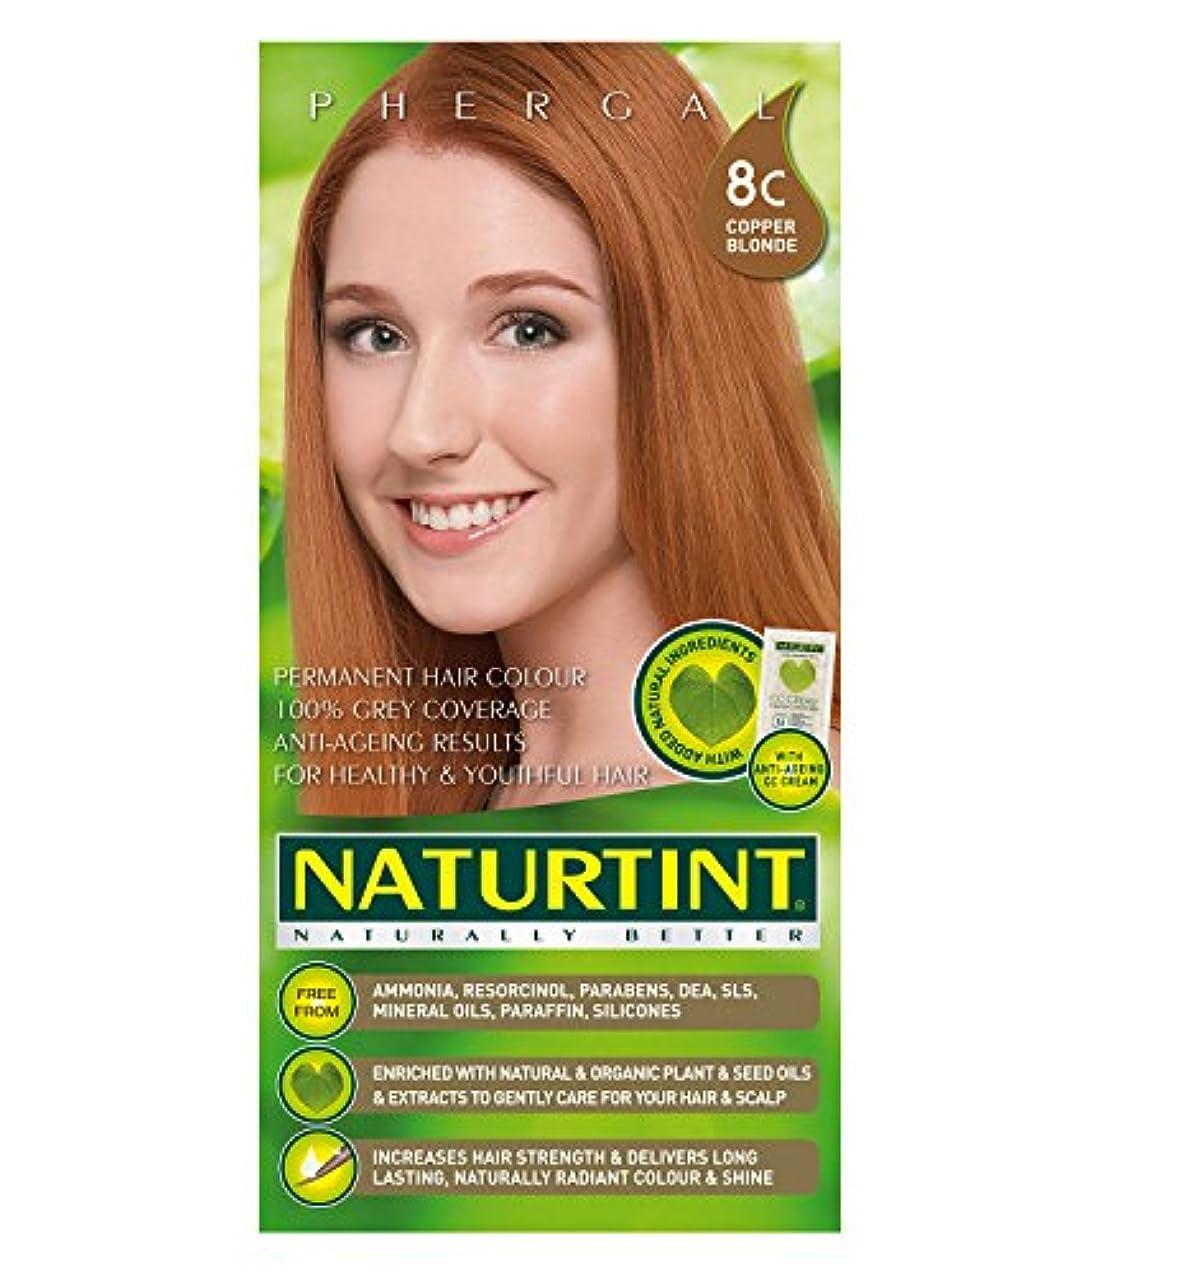 委託乏しい開業医Naturtint Copper Blonde Hair Color (8C) (並行輸入品)